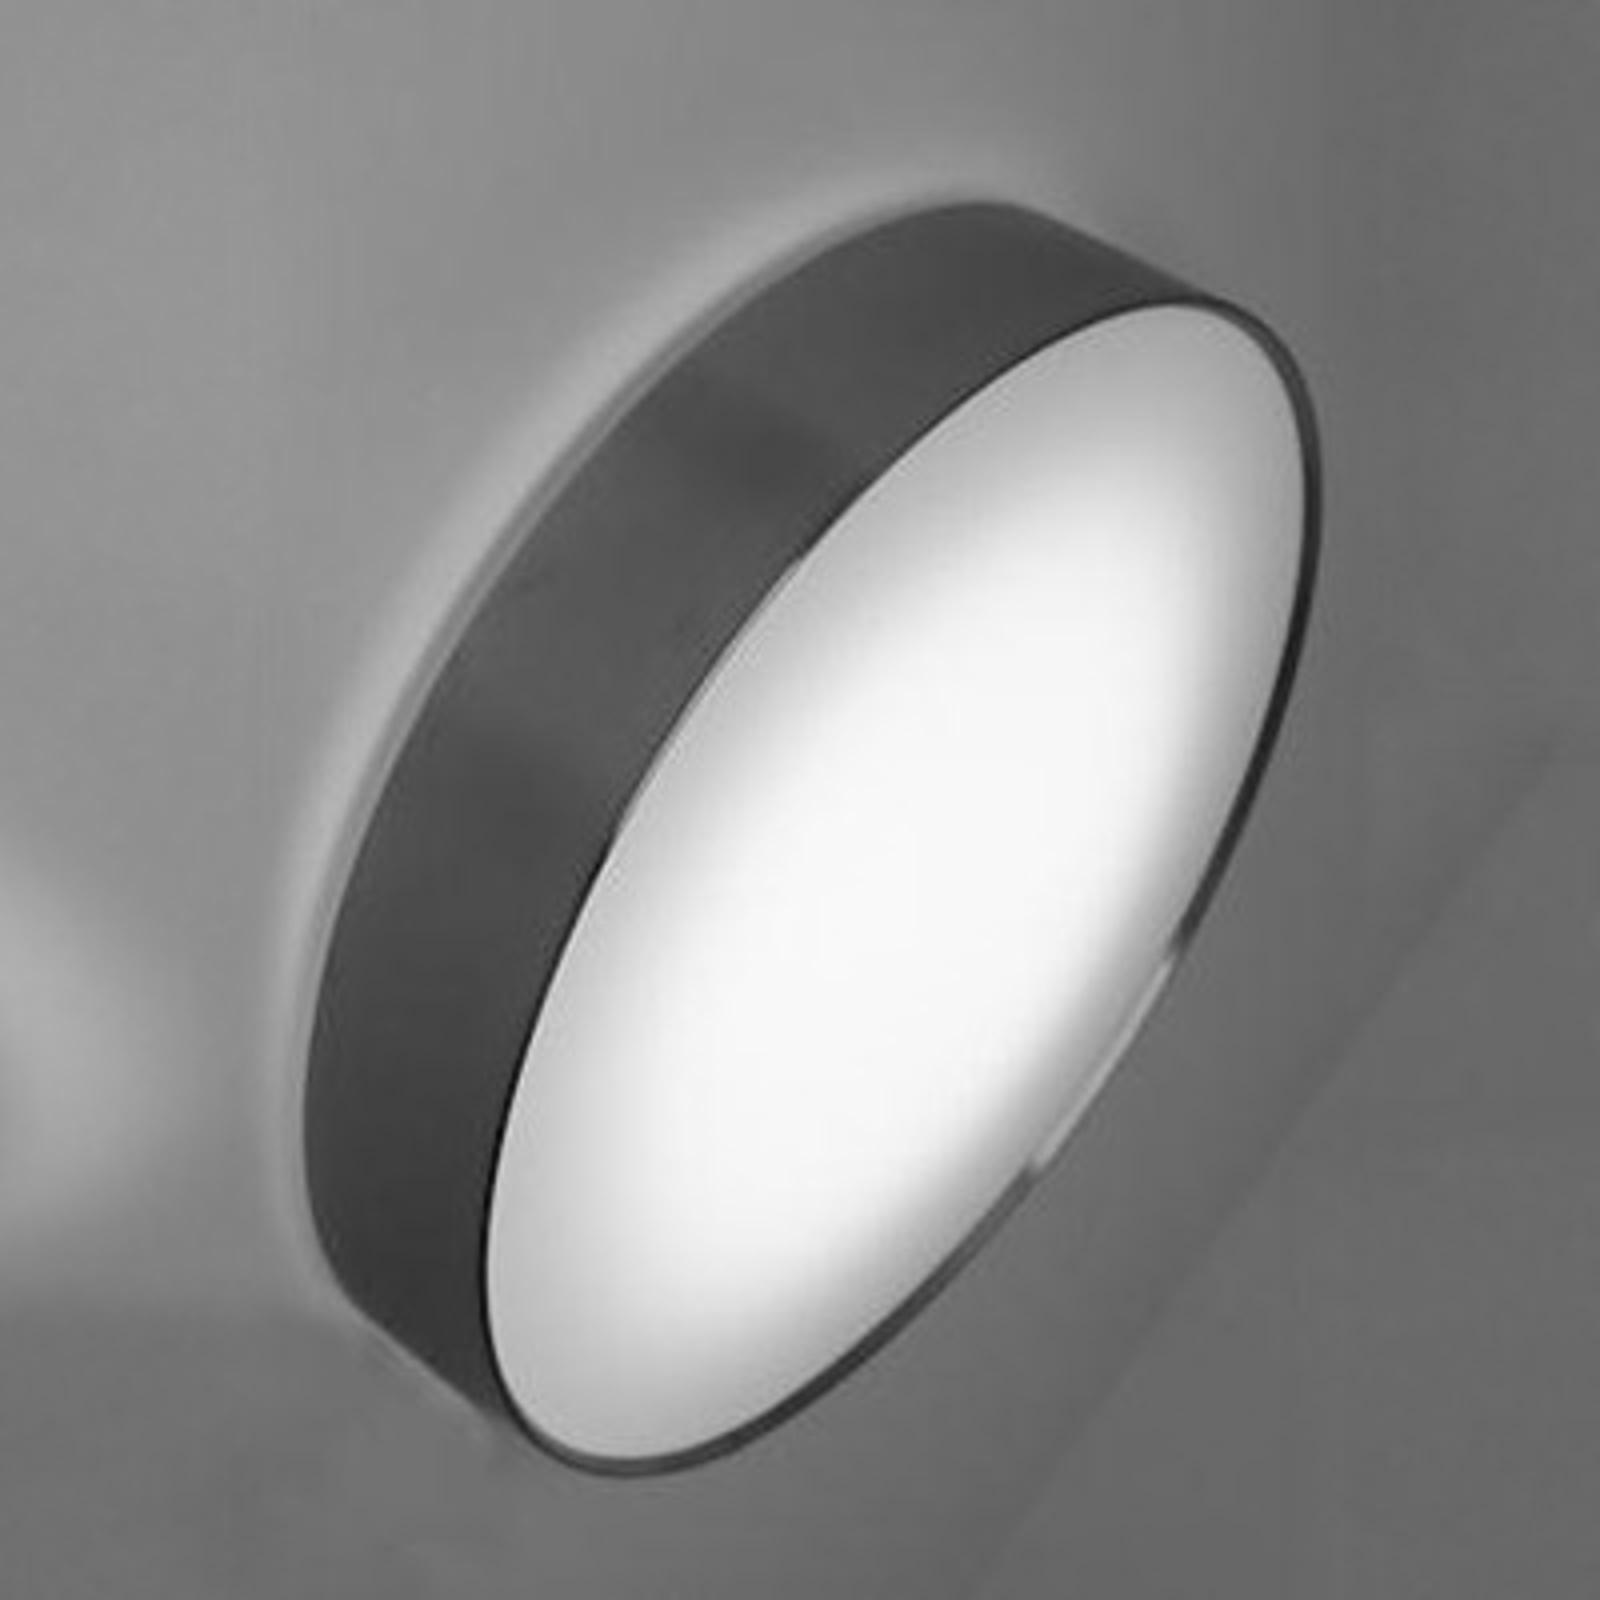 Lampa LED SUN 4 z czujnikiem, stal szlach. 13 W